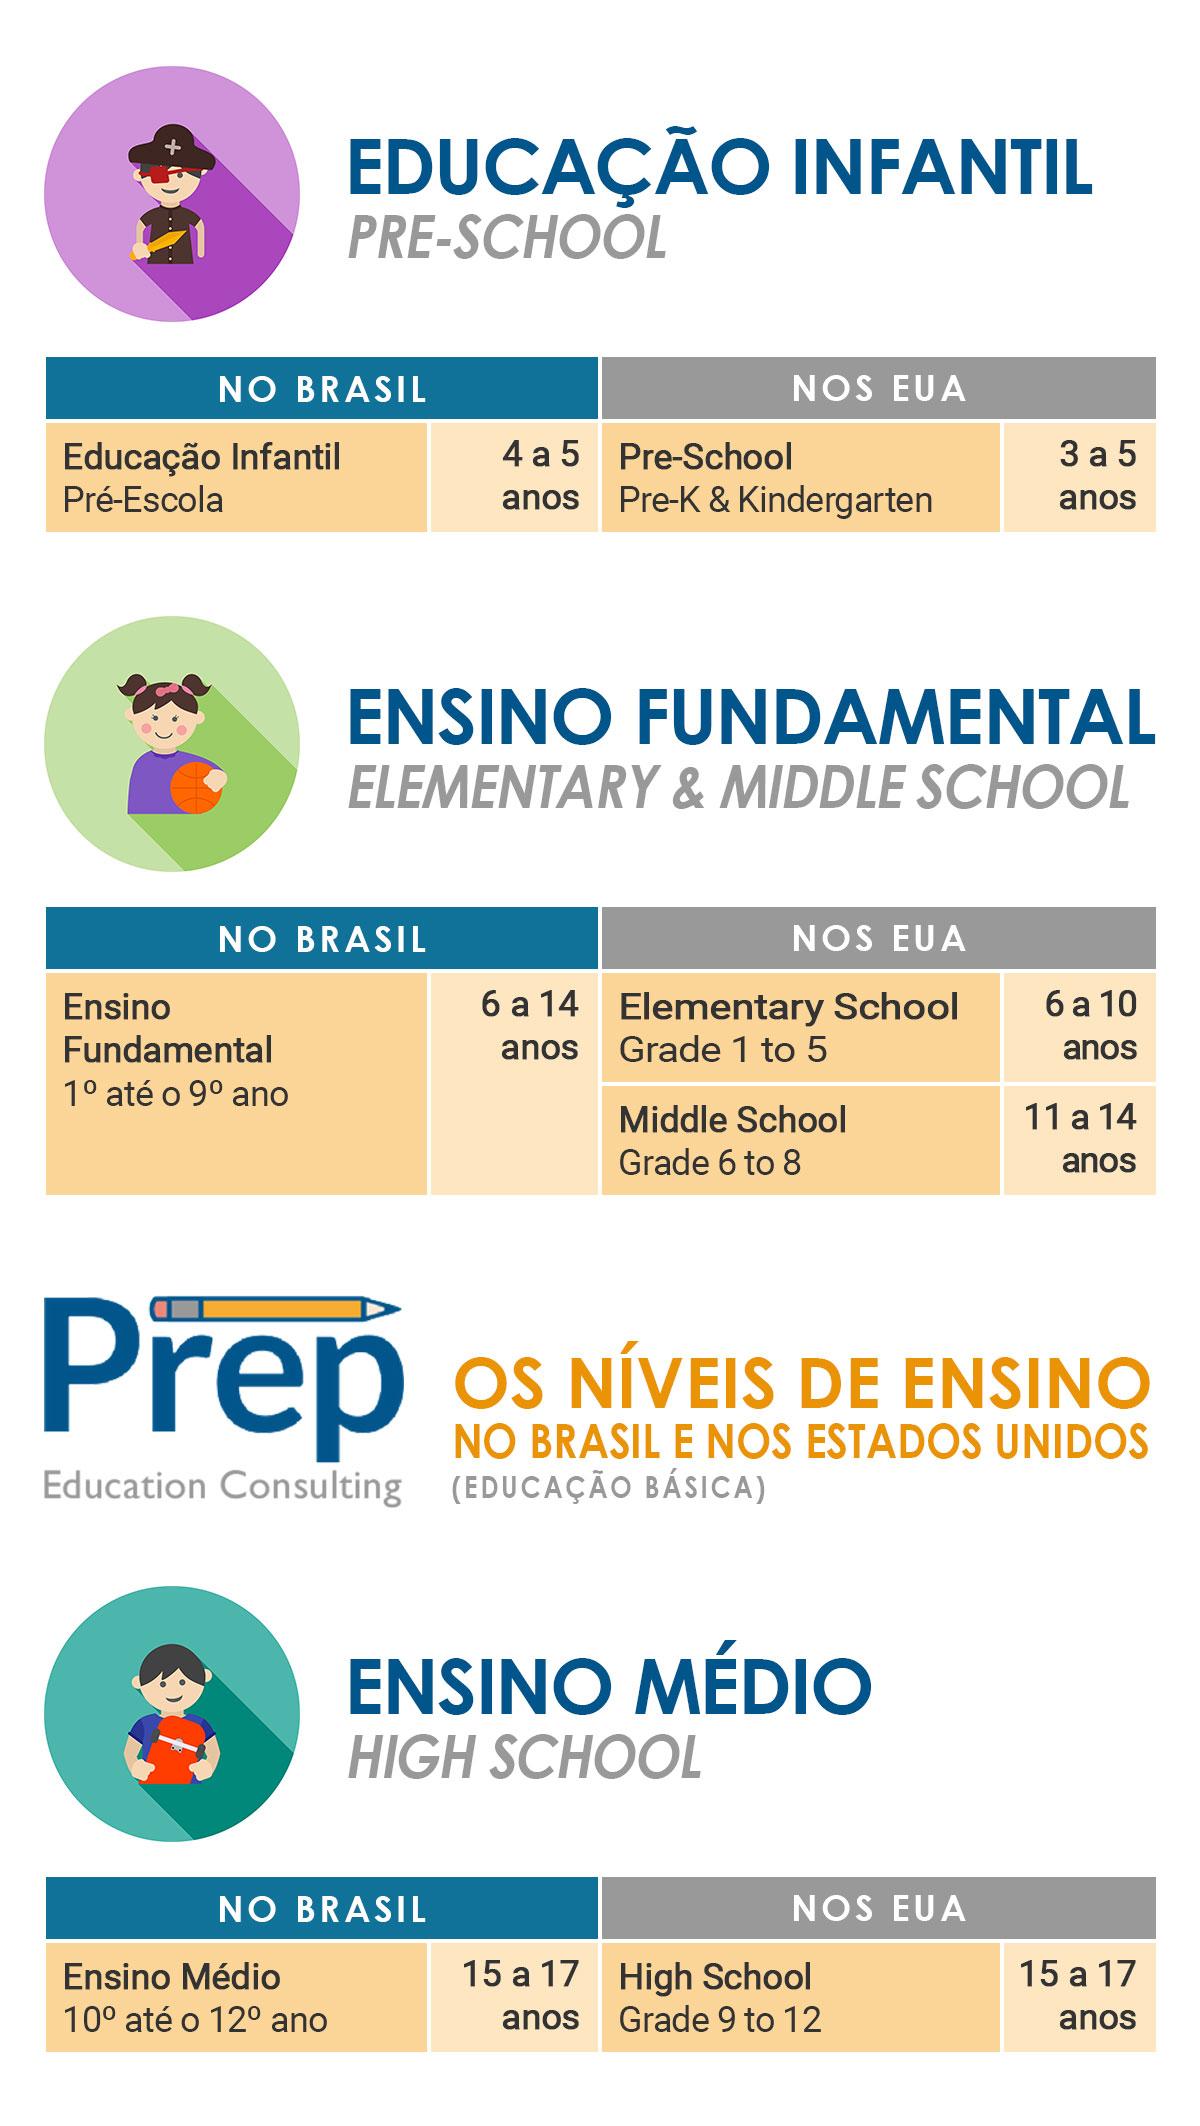 as divisões do ensino no brasil e nos estados unidos